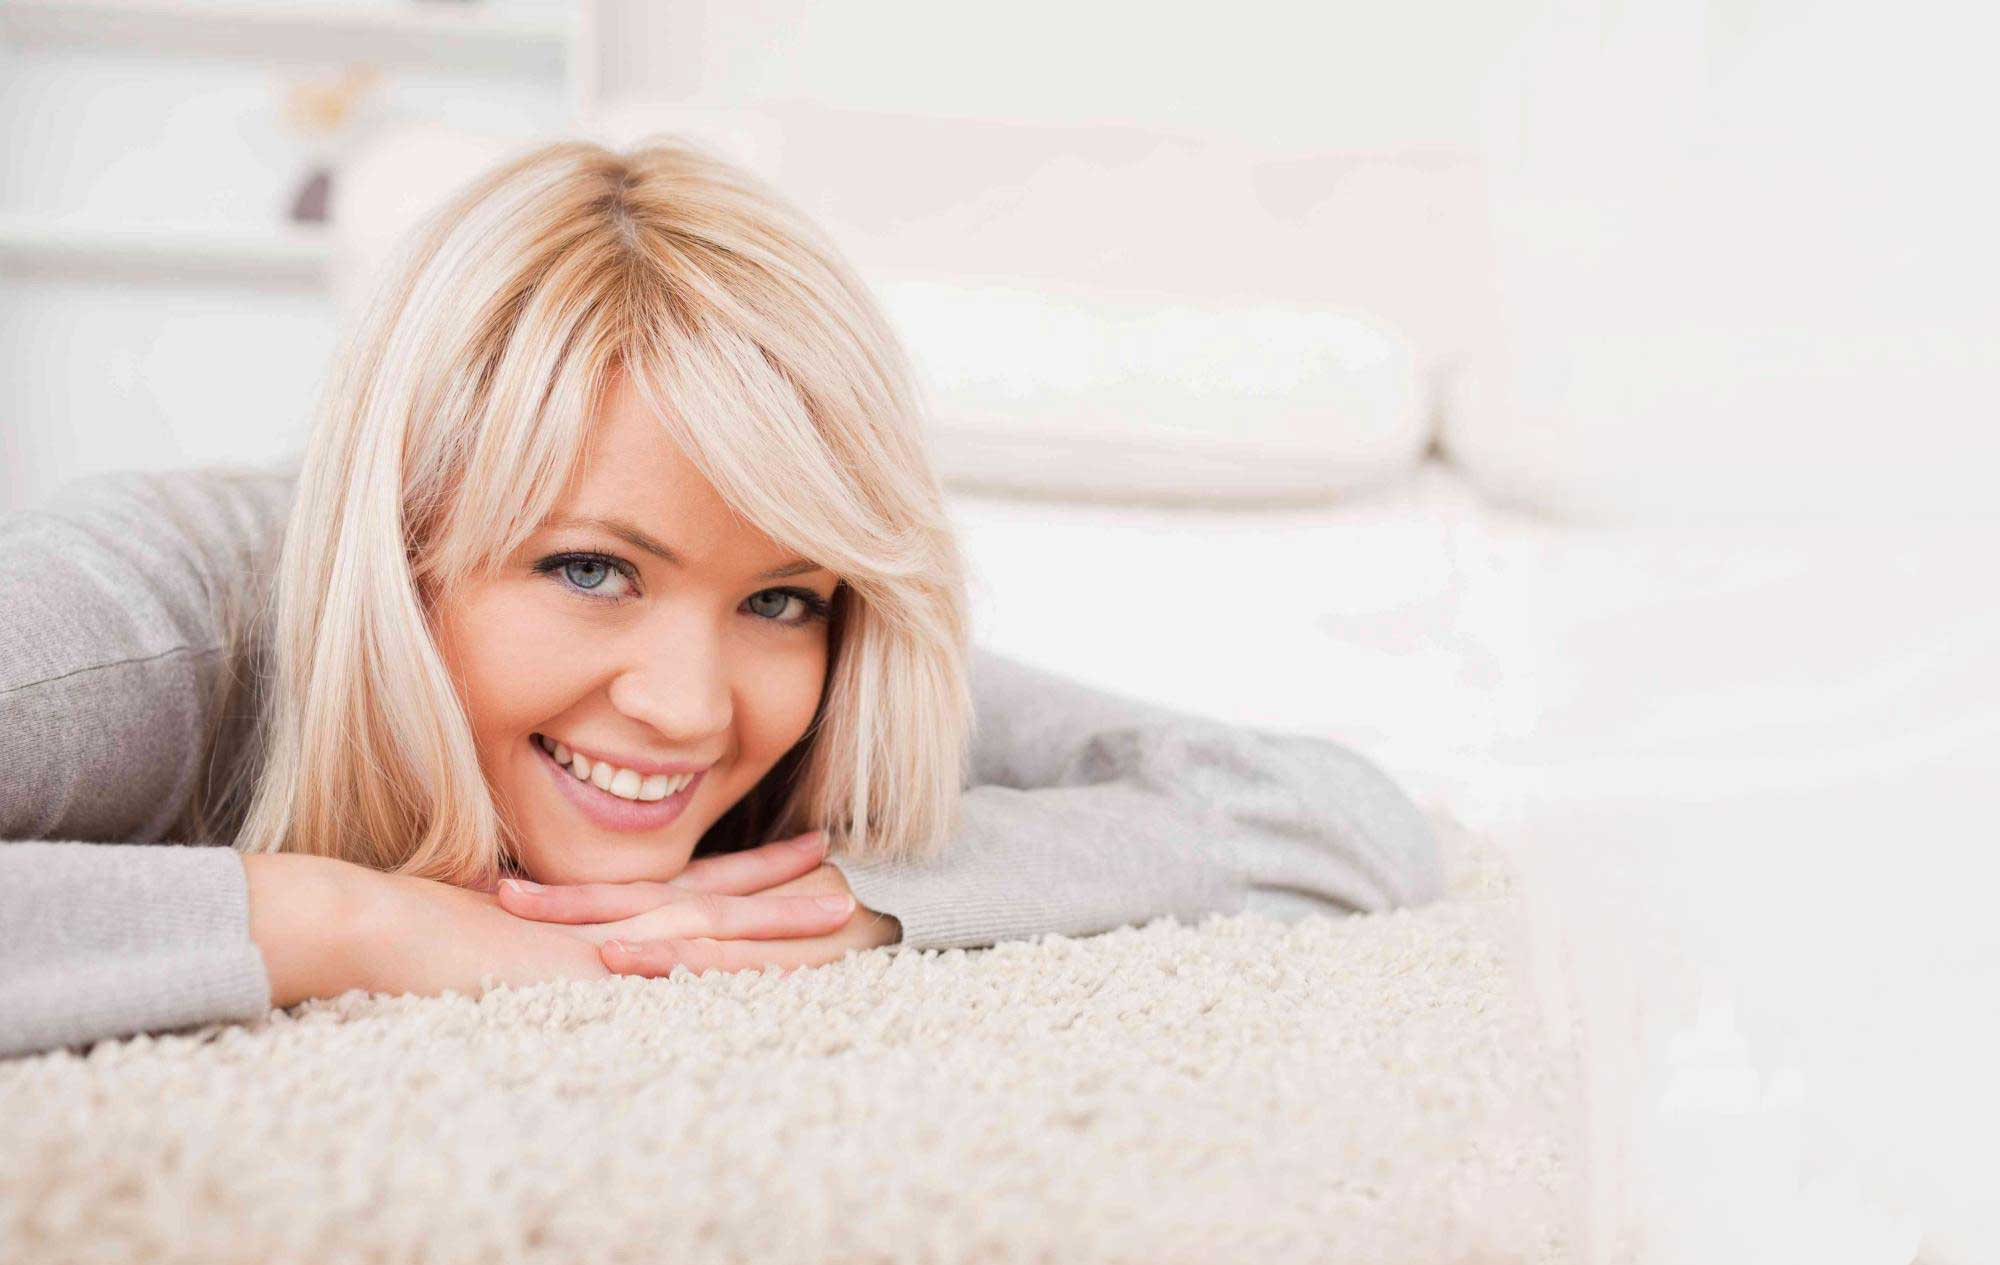 Dịch vụ giặt thảm chuyên nghiệp PRS